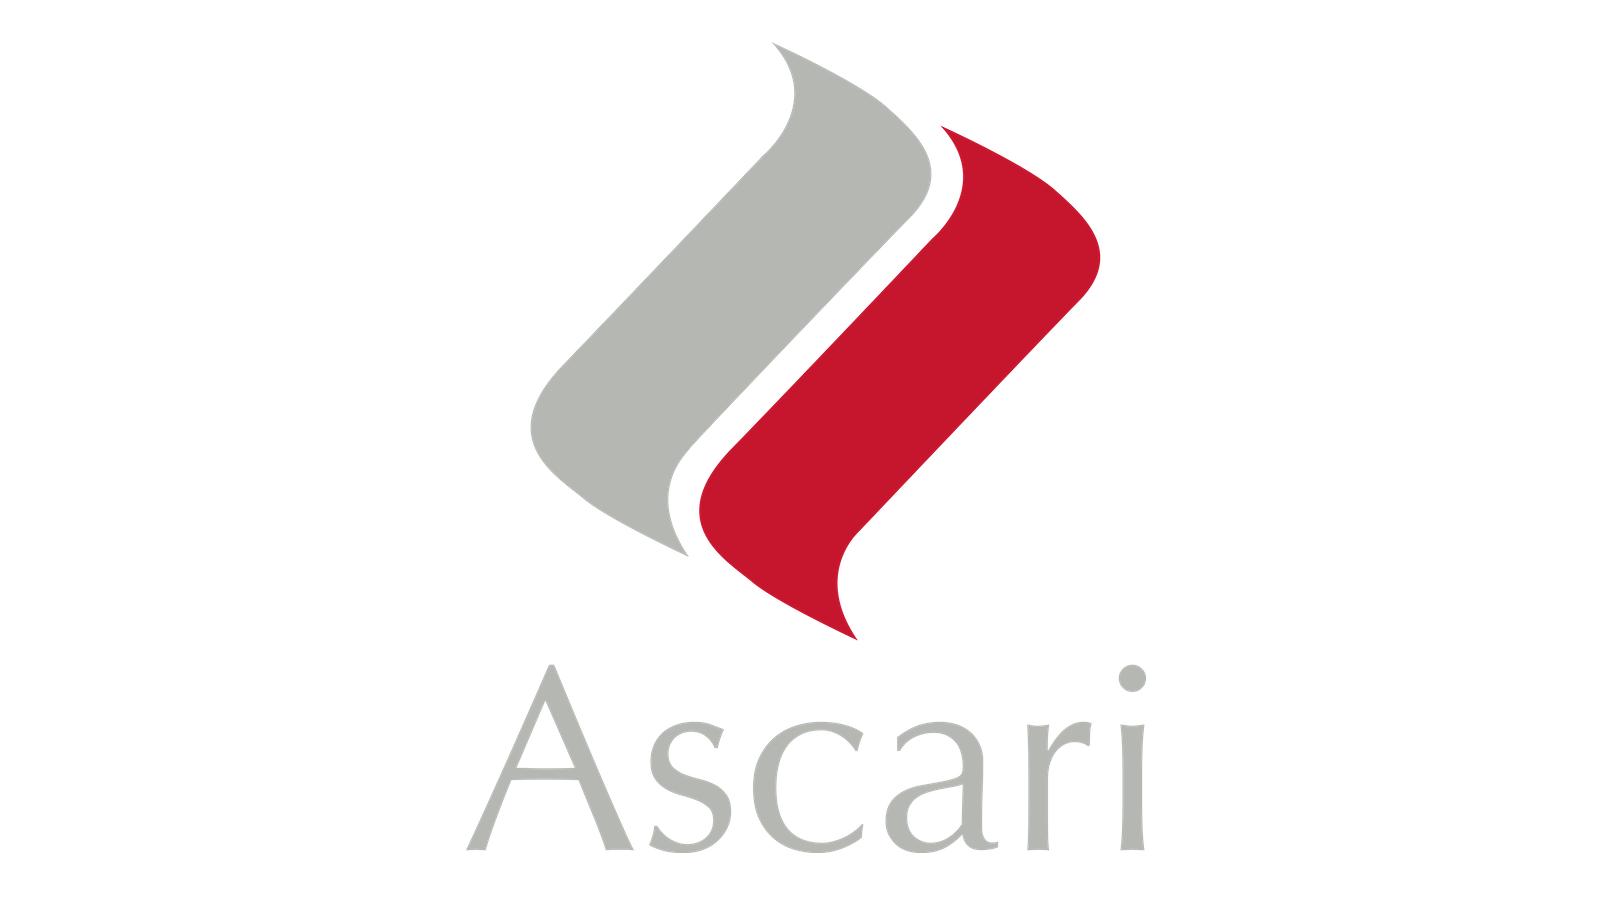 Logo Ascari 16z9.png